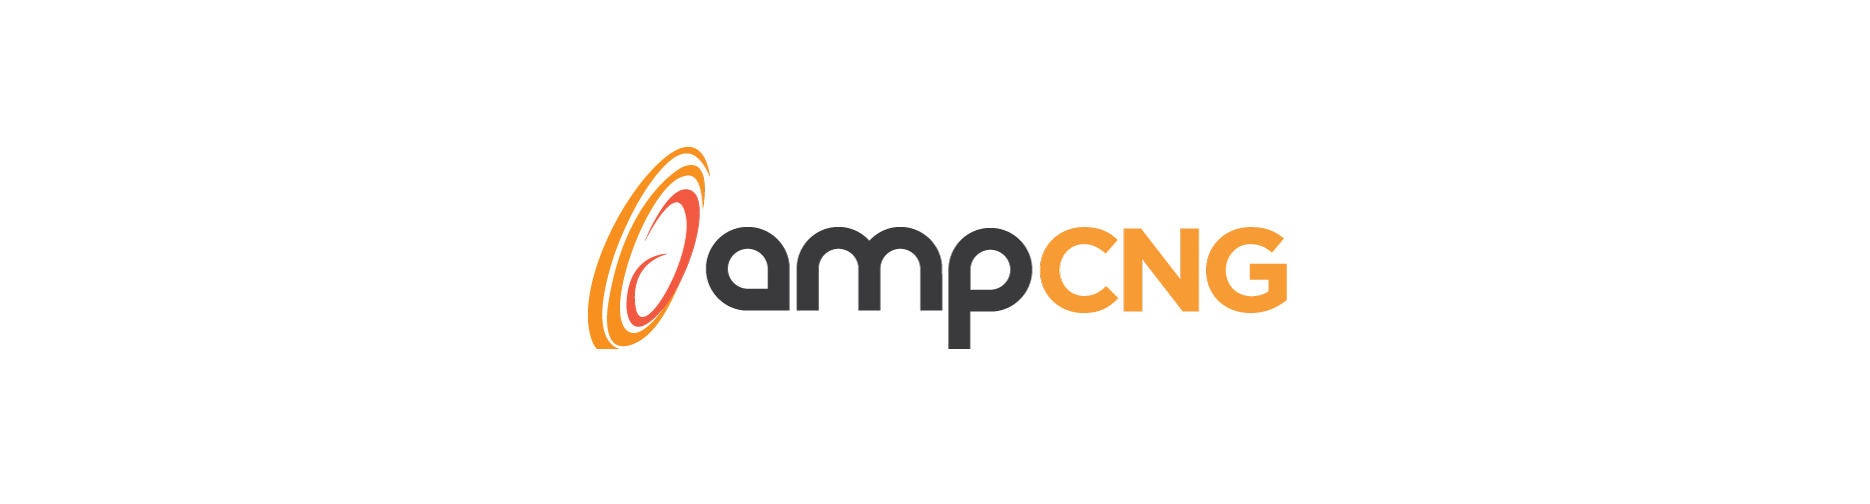 AMP-CNG-logo,-v1.png